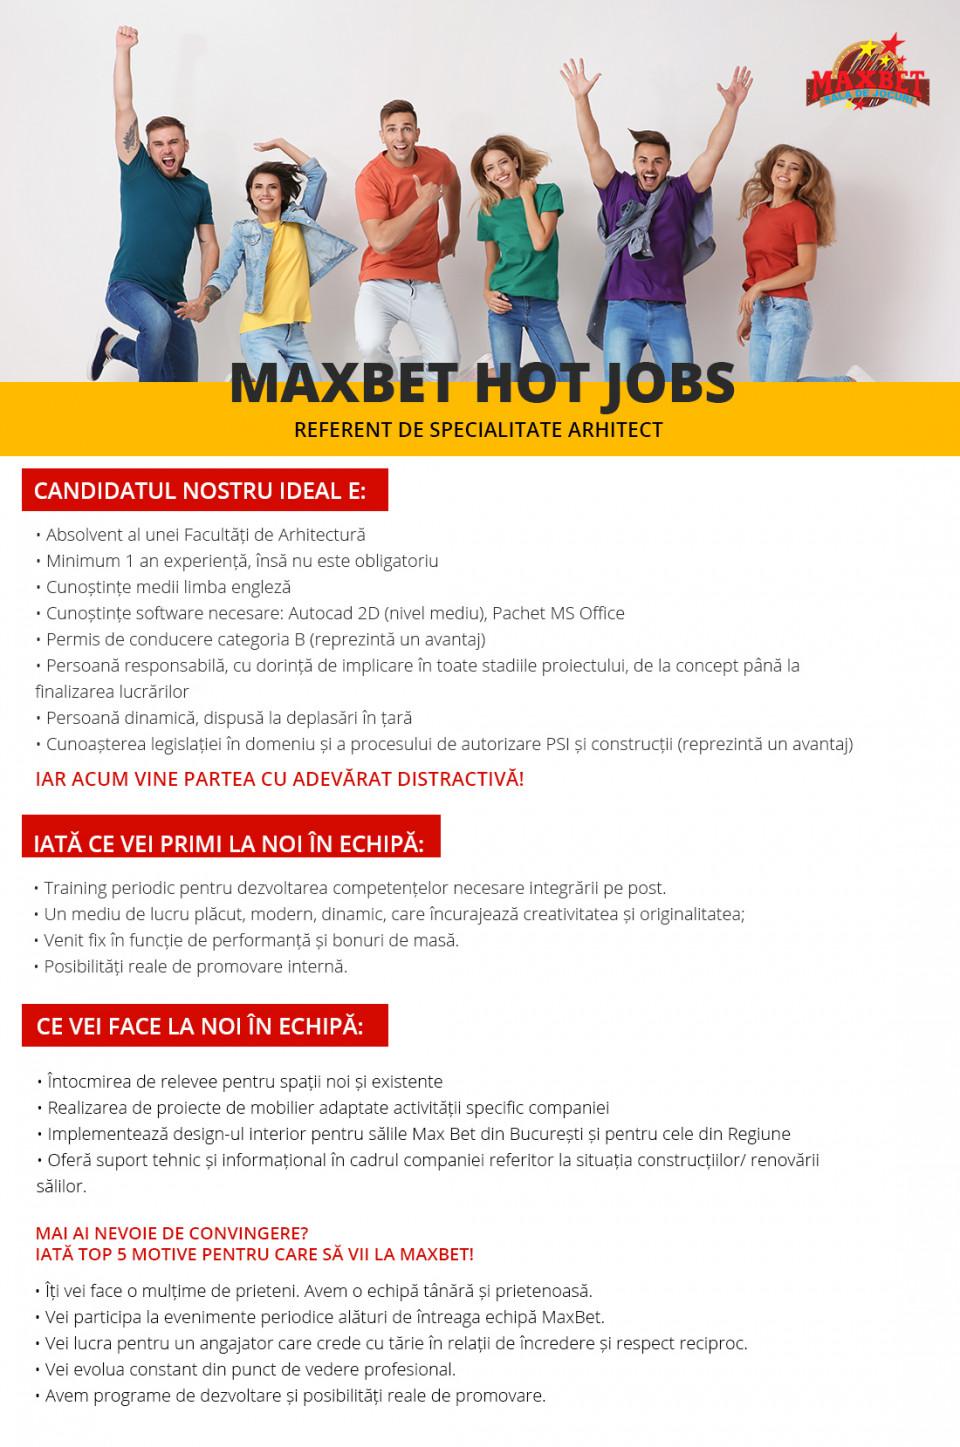 MaxBet este o companie sigură, stabilă și puternică, cu peste 18 ani de experiență pe piața de gambling & entertainment din România. Suntem o companie în continuă expansiune bazată pe o filozofie simplă: un business profitabil la cele mai înalte standarde de calitate, cu respectarea strictă a prevederilor legale.Secretul succesului MaxBet constă în investiții constante în dezvoltarea și îmbunătățirea serviciilor și parteneriatelor pe termen lung, de aceea ne bazăm pe respectul profund pentru comunitate, oferim transparență și grijă pentru clienți, parteneri și angajați. Grupul MaxBet România numără peste 1 600 de angajați profesioniști, loiali și integrii, în cele 120 de săli de joc și 3 zone de entertainment dedicate tinerilor, adolescenților dar și familiilor.Oamenii, care au fost alături de companie încă de la constituirea ei și cei care s-au alăturat echipei de-a lungul anilor, alegând să crească și să se dezvolte împreună, reprezintă adevăratul succes MaxBet. Întreaga echipă se concentrează permanent pe extinderea și consolidarea afacerii și pe oferirea celor mai bune produse și servicii din piață de gambling și entertainment, iar noi le oferim tuturor angajaților programe permanente de formare profesională și acces la cele mai moderne sisteme de management și customer service. Ne mândrim cu realizările angajaților noștri si le oferim oportunități reale de promovare în cadrul companiei. Răsplătim performanța cu bonusuri motivante și multe alte beneficii.Ești pasionat, îți dorești să faci parte dintr-o echipă unită și cauți un loc de muncă care să îți răsplătească performanțele? Ești student si cauți un loc de muncă care să-ți permită să continui studiile? Vrei să faci parte dintr-o echipă profesionistă alături de care să crești profesional și să îți faci amintiri pentru o viață? Nu ezita să aplici pentru unul din posturile disponibile în rețeaua noastră.Descoperă-ți potențialul cu o carieră de 5 stele in echipa MaxBet!